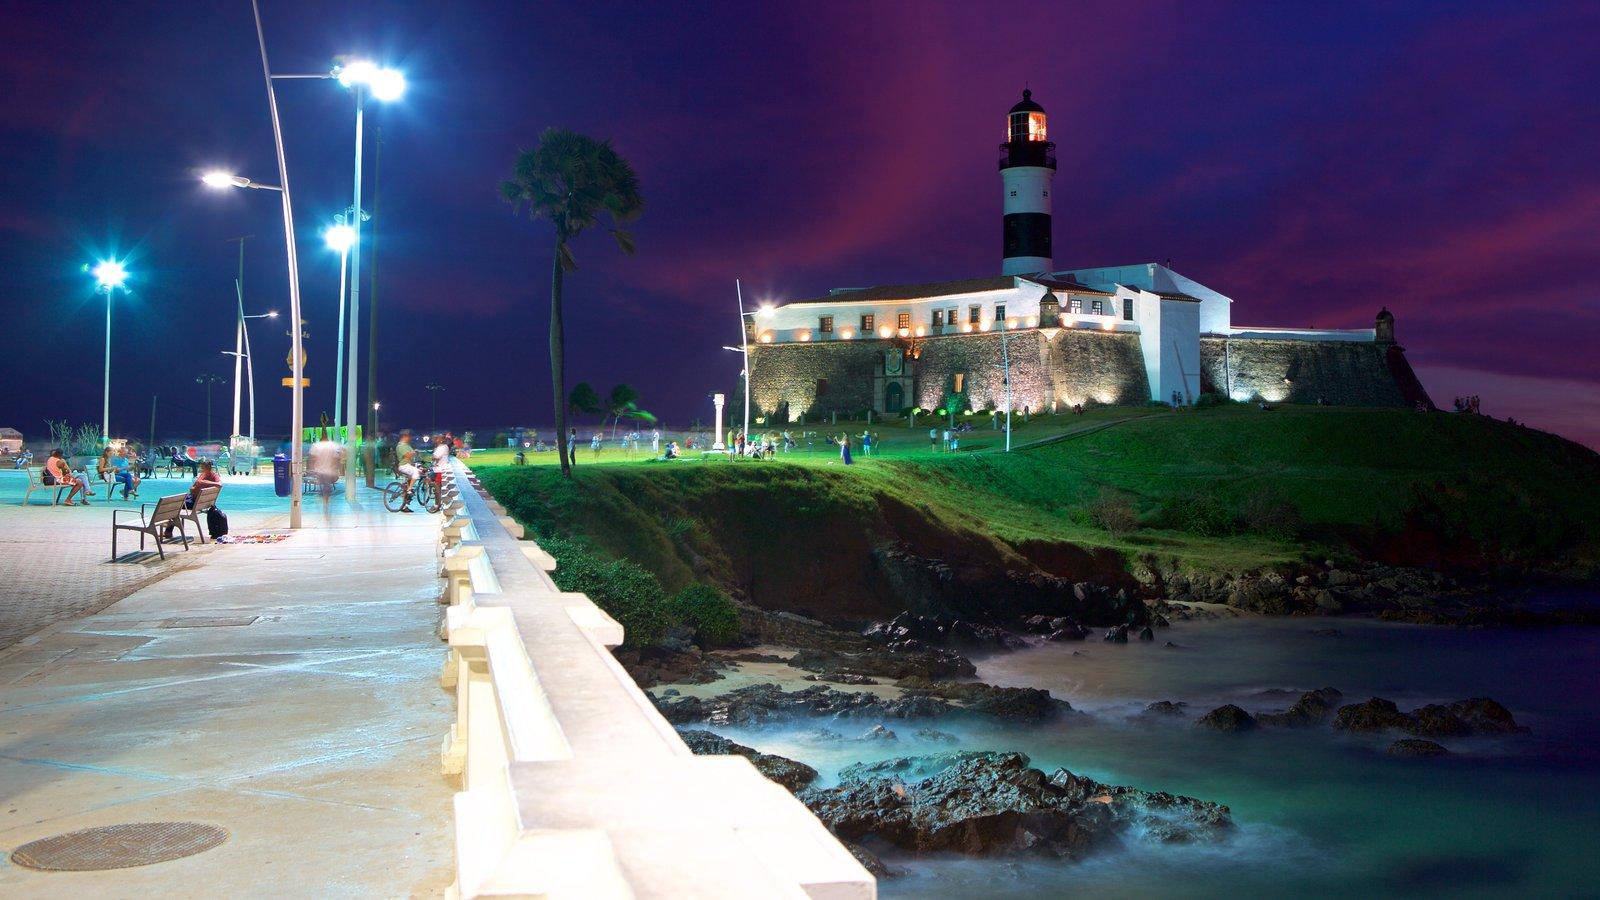 Praia do Farol da Barra que inclui um farol, paisagens litorâneas e cenas noturnas